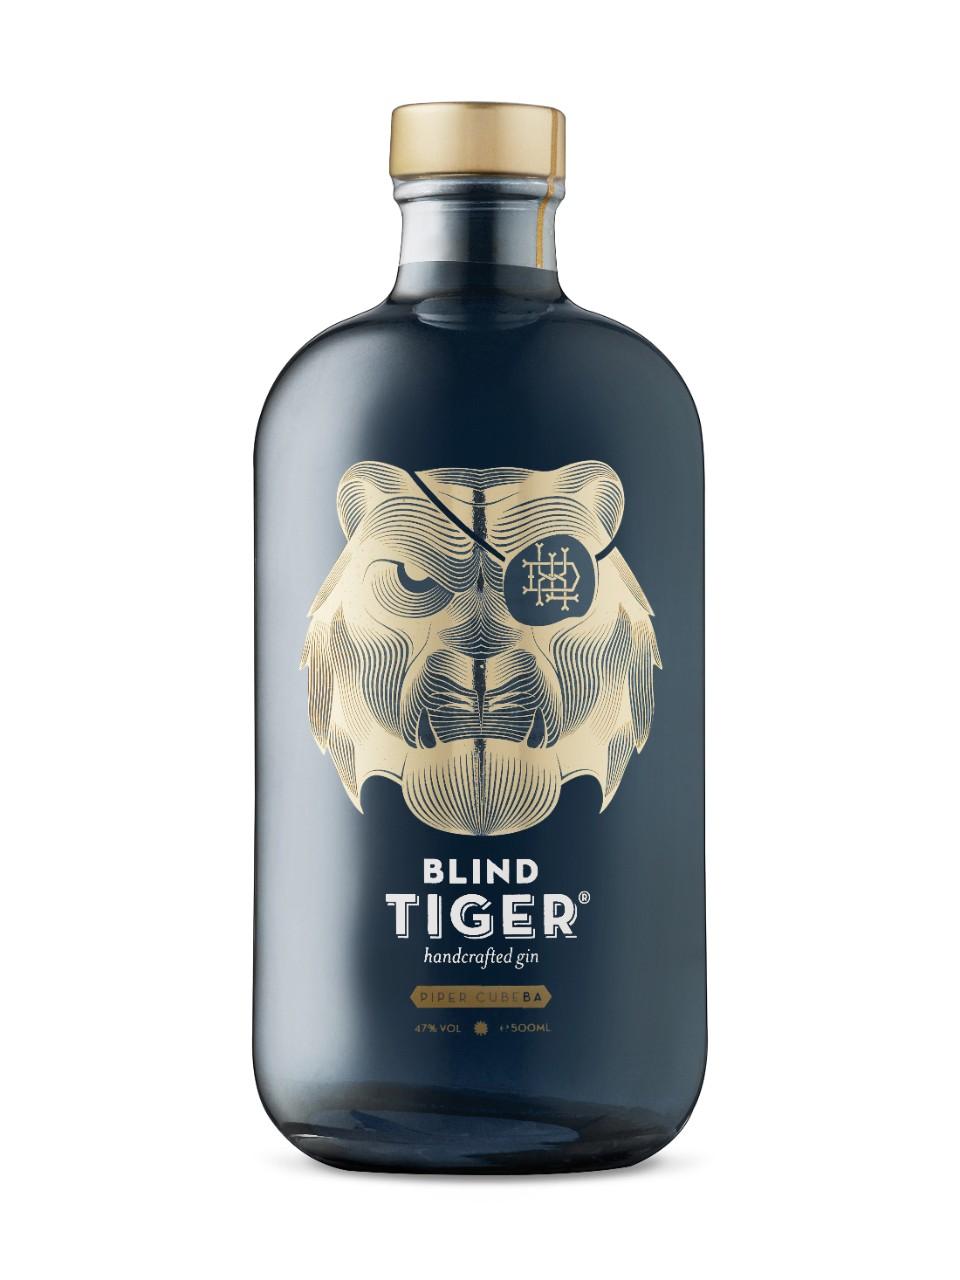 Blind Tiger Piper Cubeba Gin Lcbo